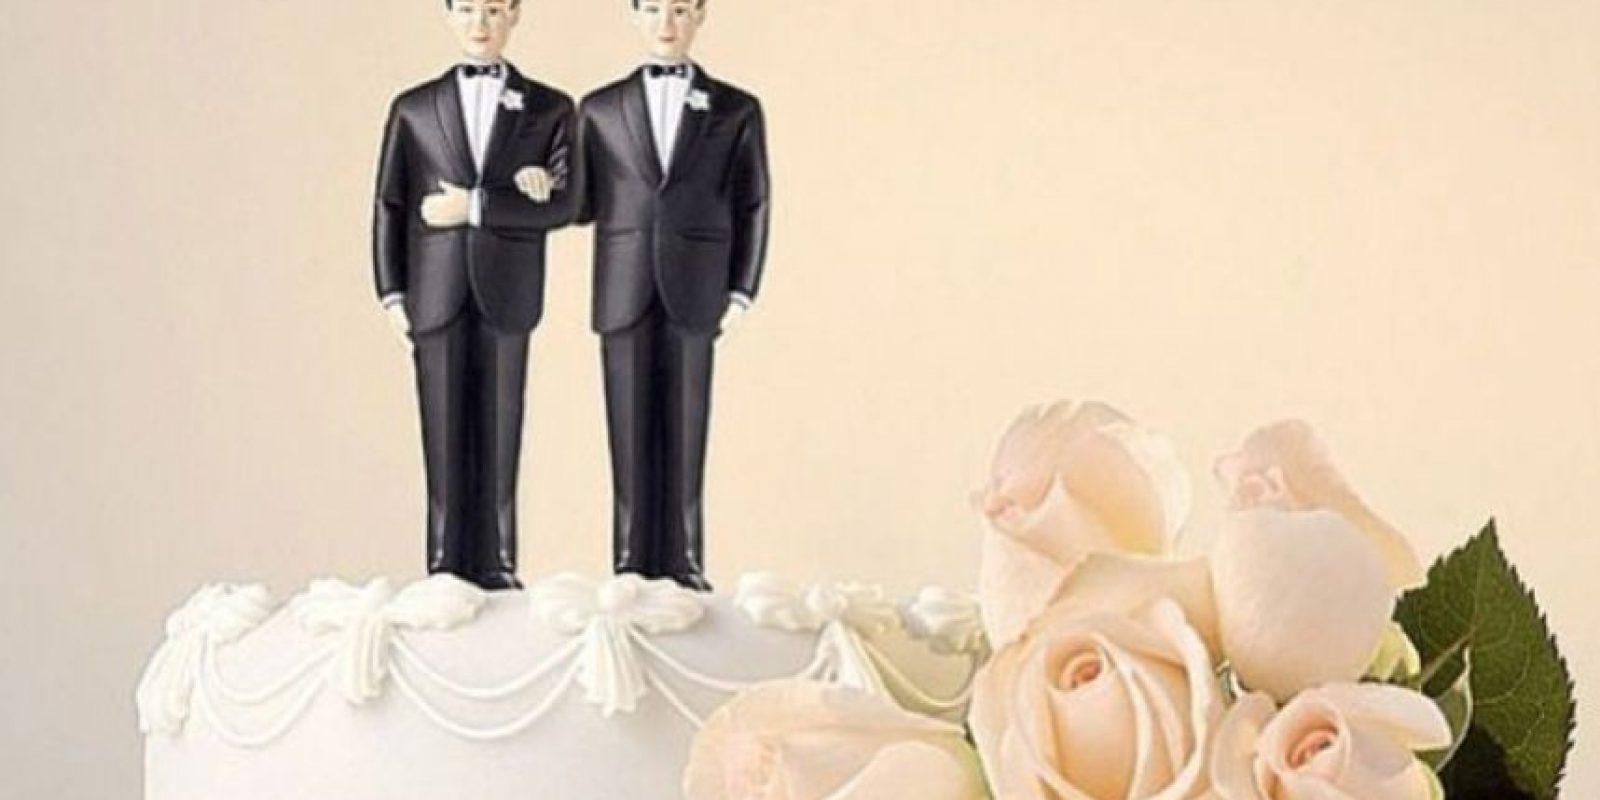 2. Pastor fue condenado a prisión por negarse a casar una pareja gay Foto:Pinterest